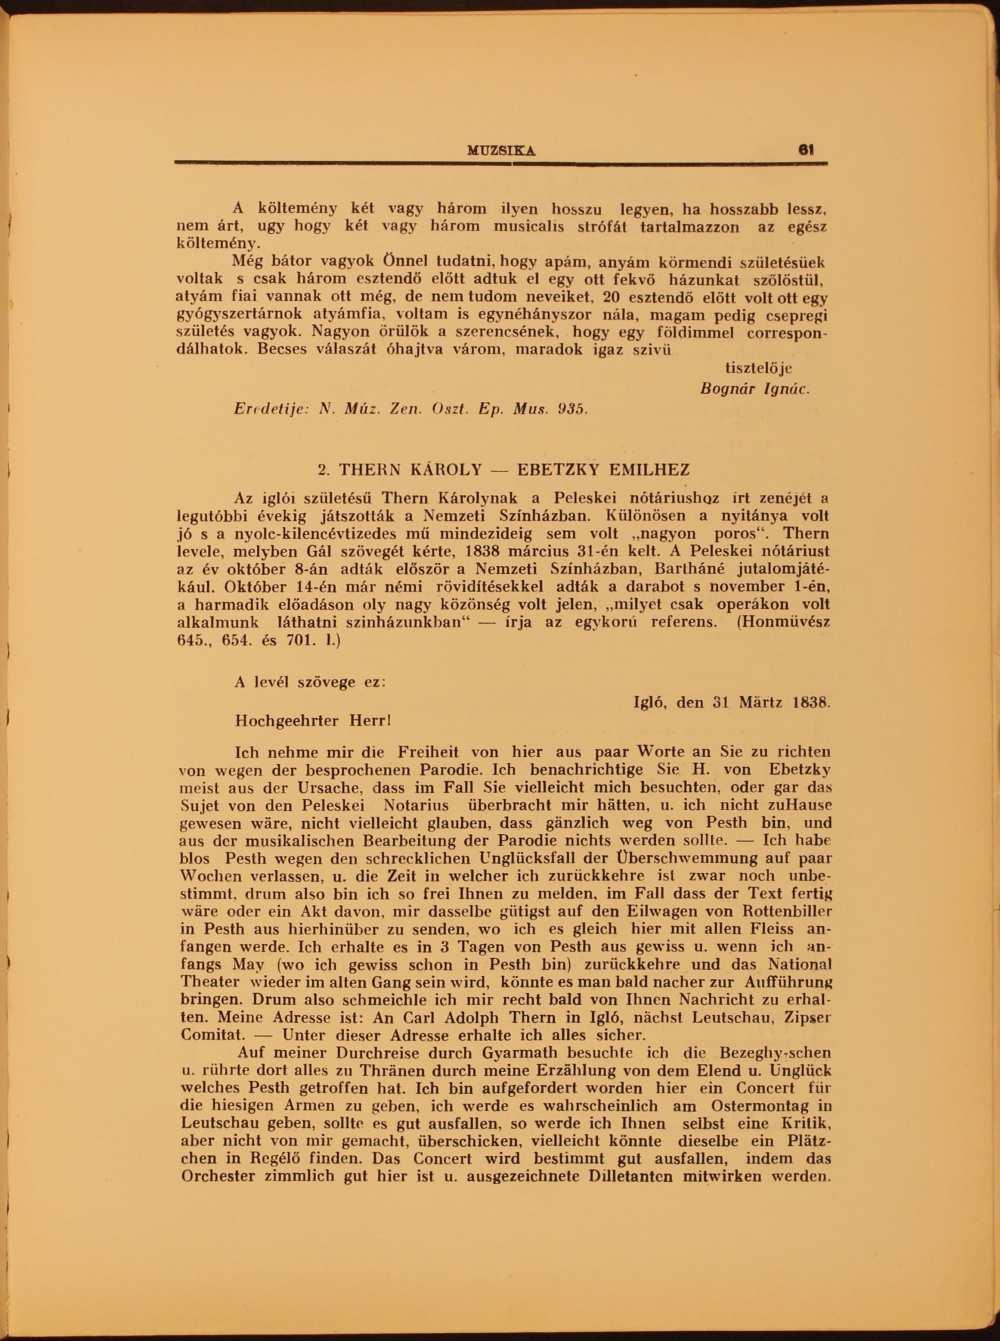 """Bognár Ignác és Thern Károly egy-egy levele  (""""Szemelvények a zenei osztály levelestárából"""" című rovat). Folytatás. In. Muzsika. Zeneművészeti, zenetudományi és zenekritikai folyóirat, 1. évf. 1–2. sz. (1929. febr.–márc.) – Törzsgyűjtemény http://nektar.oszk.hu/hu/manifestation/1023575"""